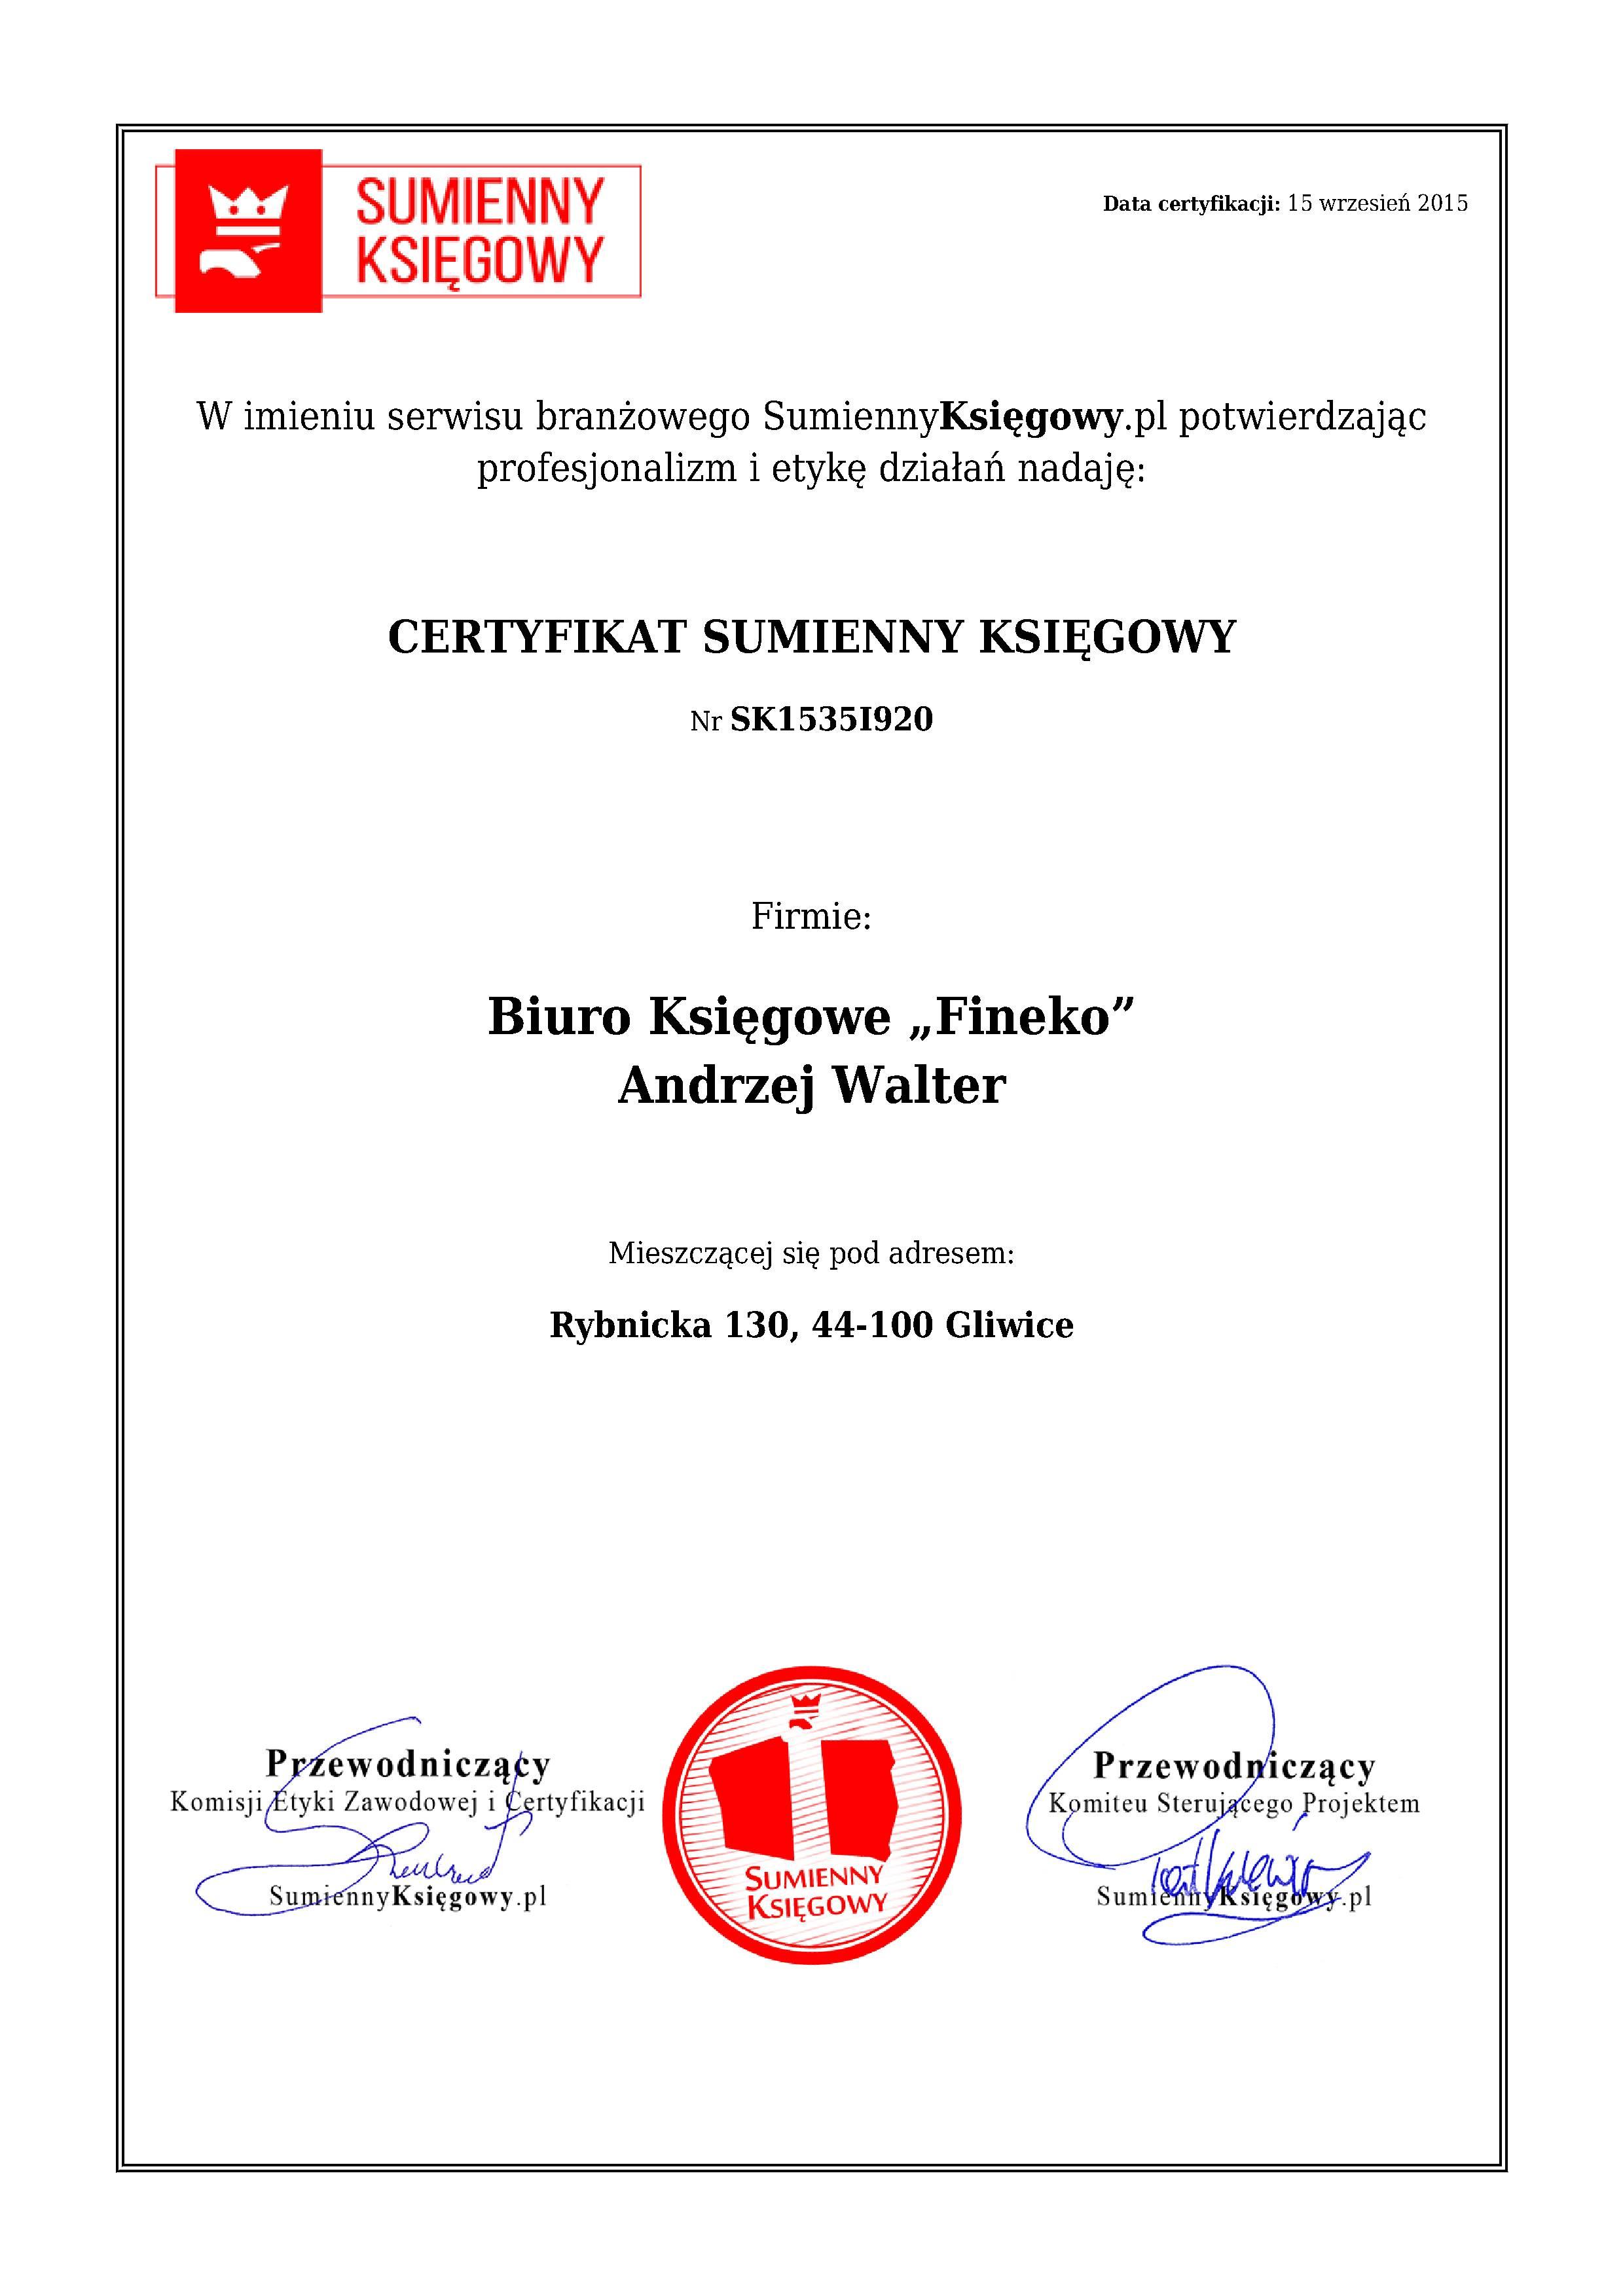 """Certyfikat Biuro Księgowe """"Fineko"""" Andrzej Walter"""